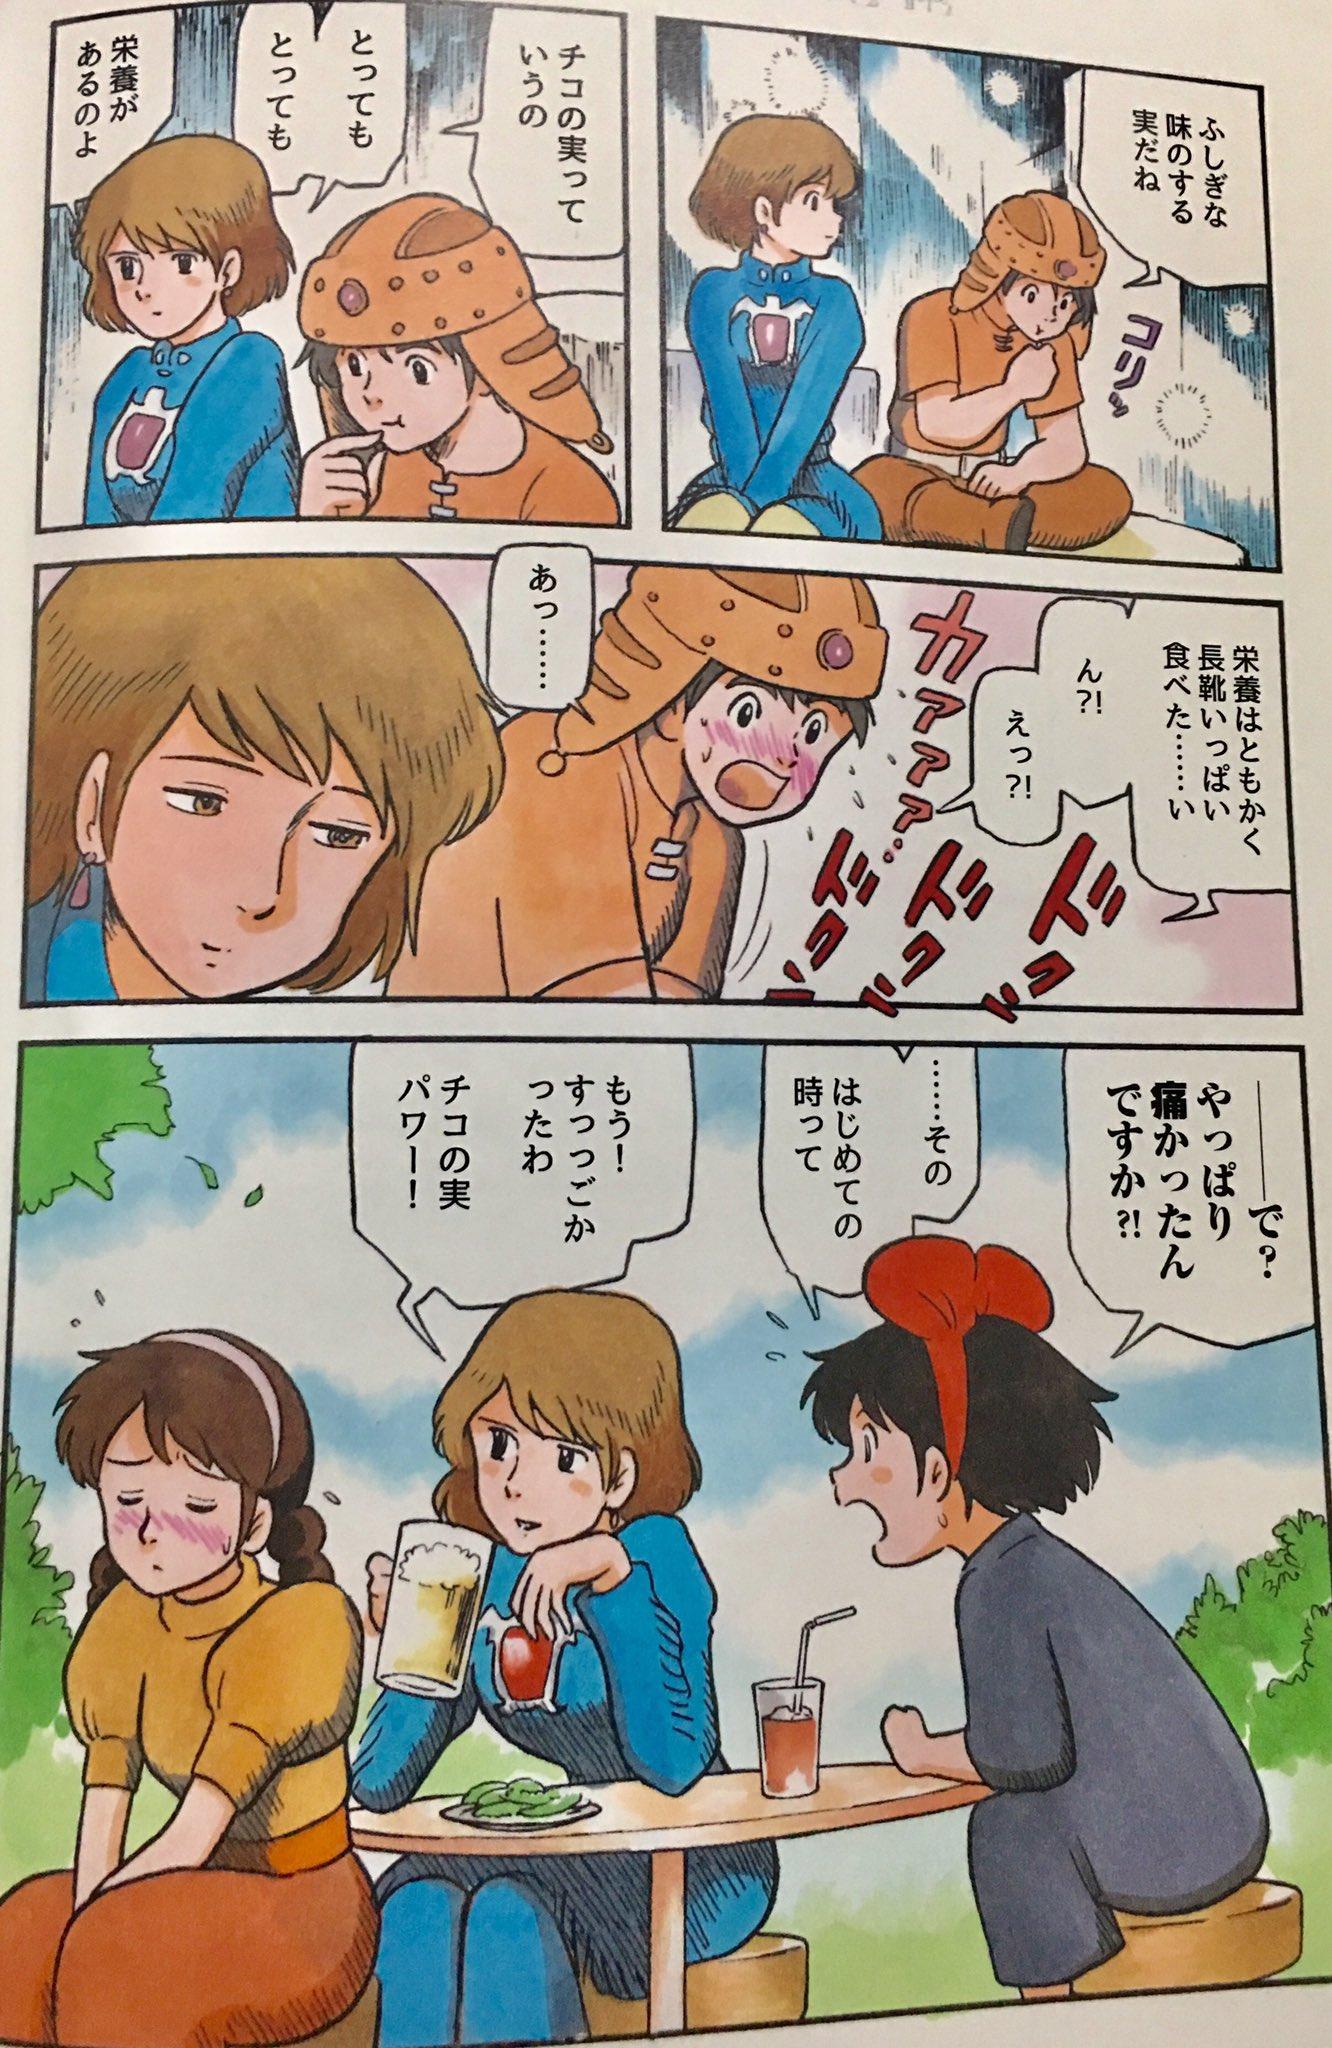 田中圭一先生の描くナウシカ姉さんのせい(おかげ)で俺はもうナウシカをまともに見れなくなったからね。  #commando